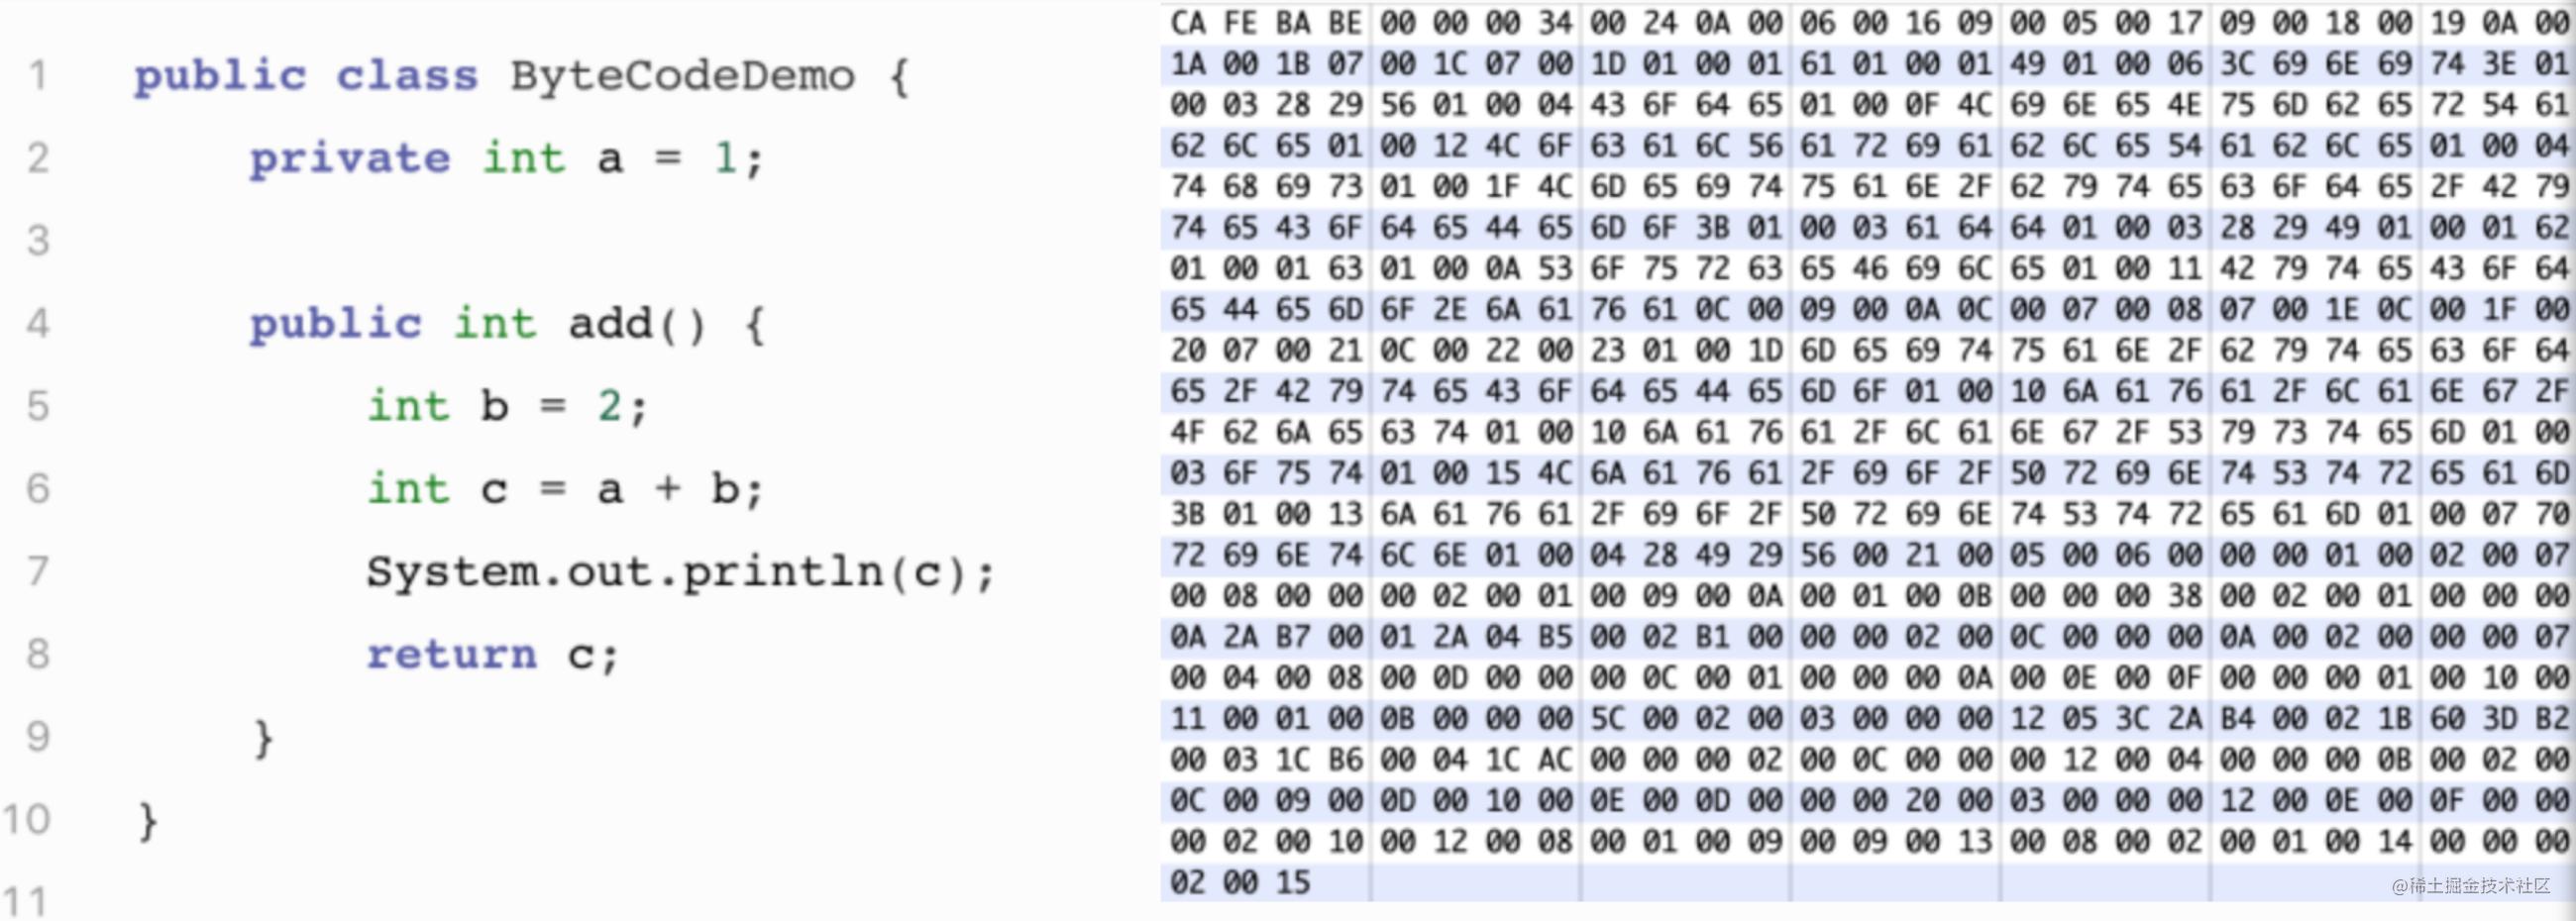 图2 示例代码(左侧)及对应的字节码(右侧)